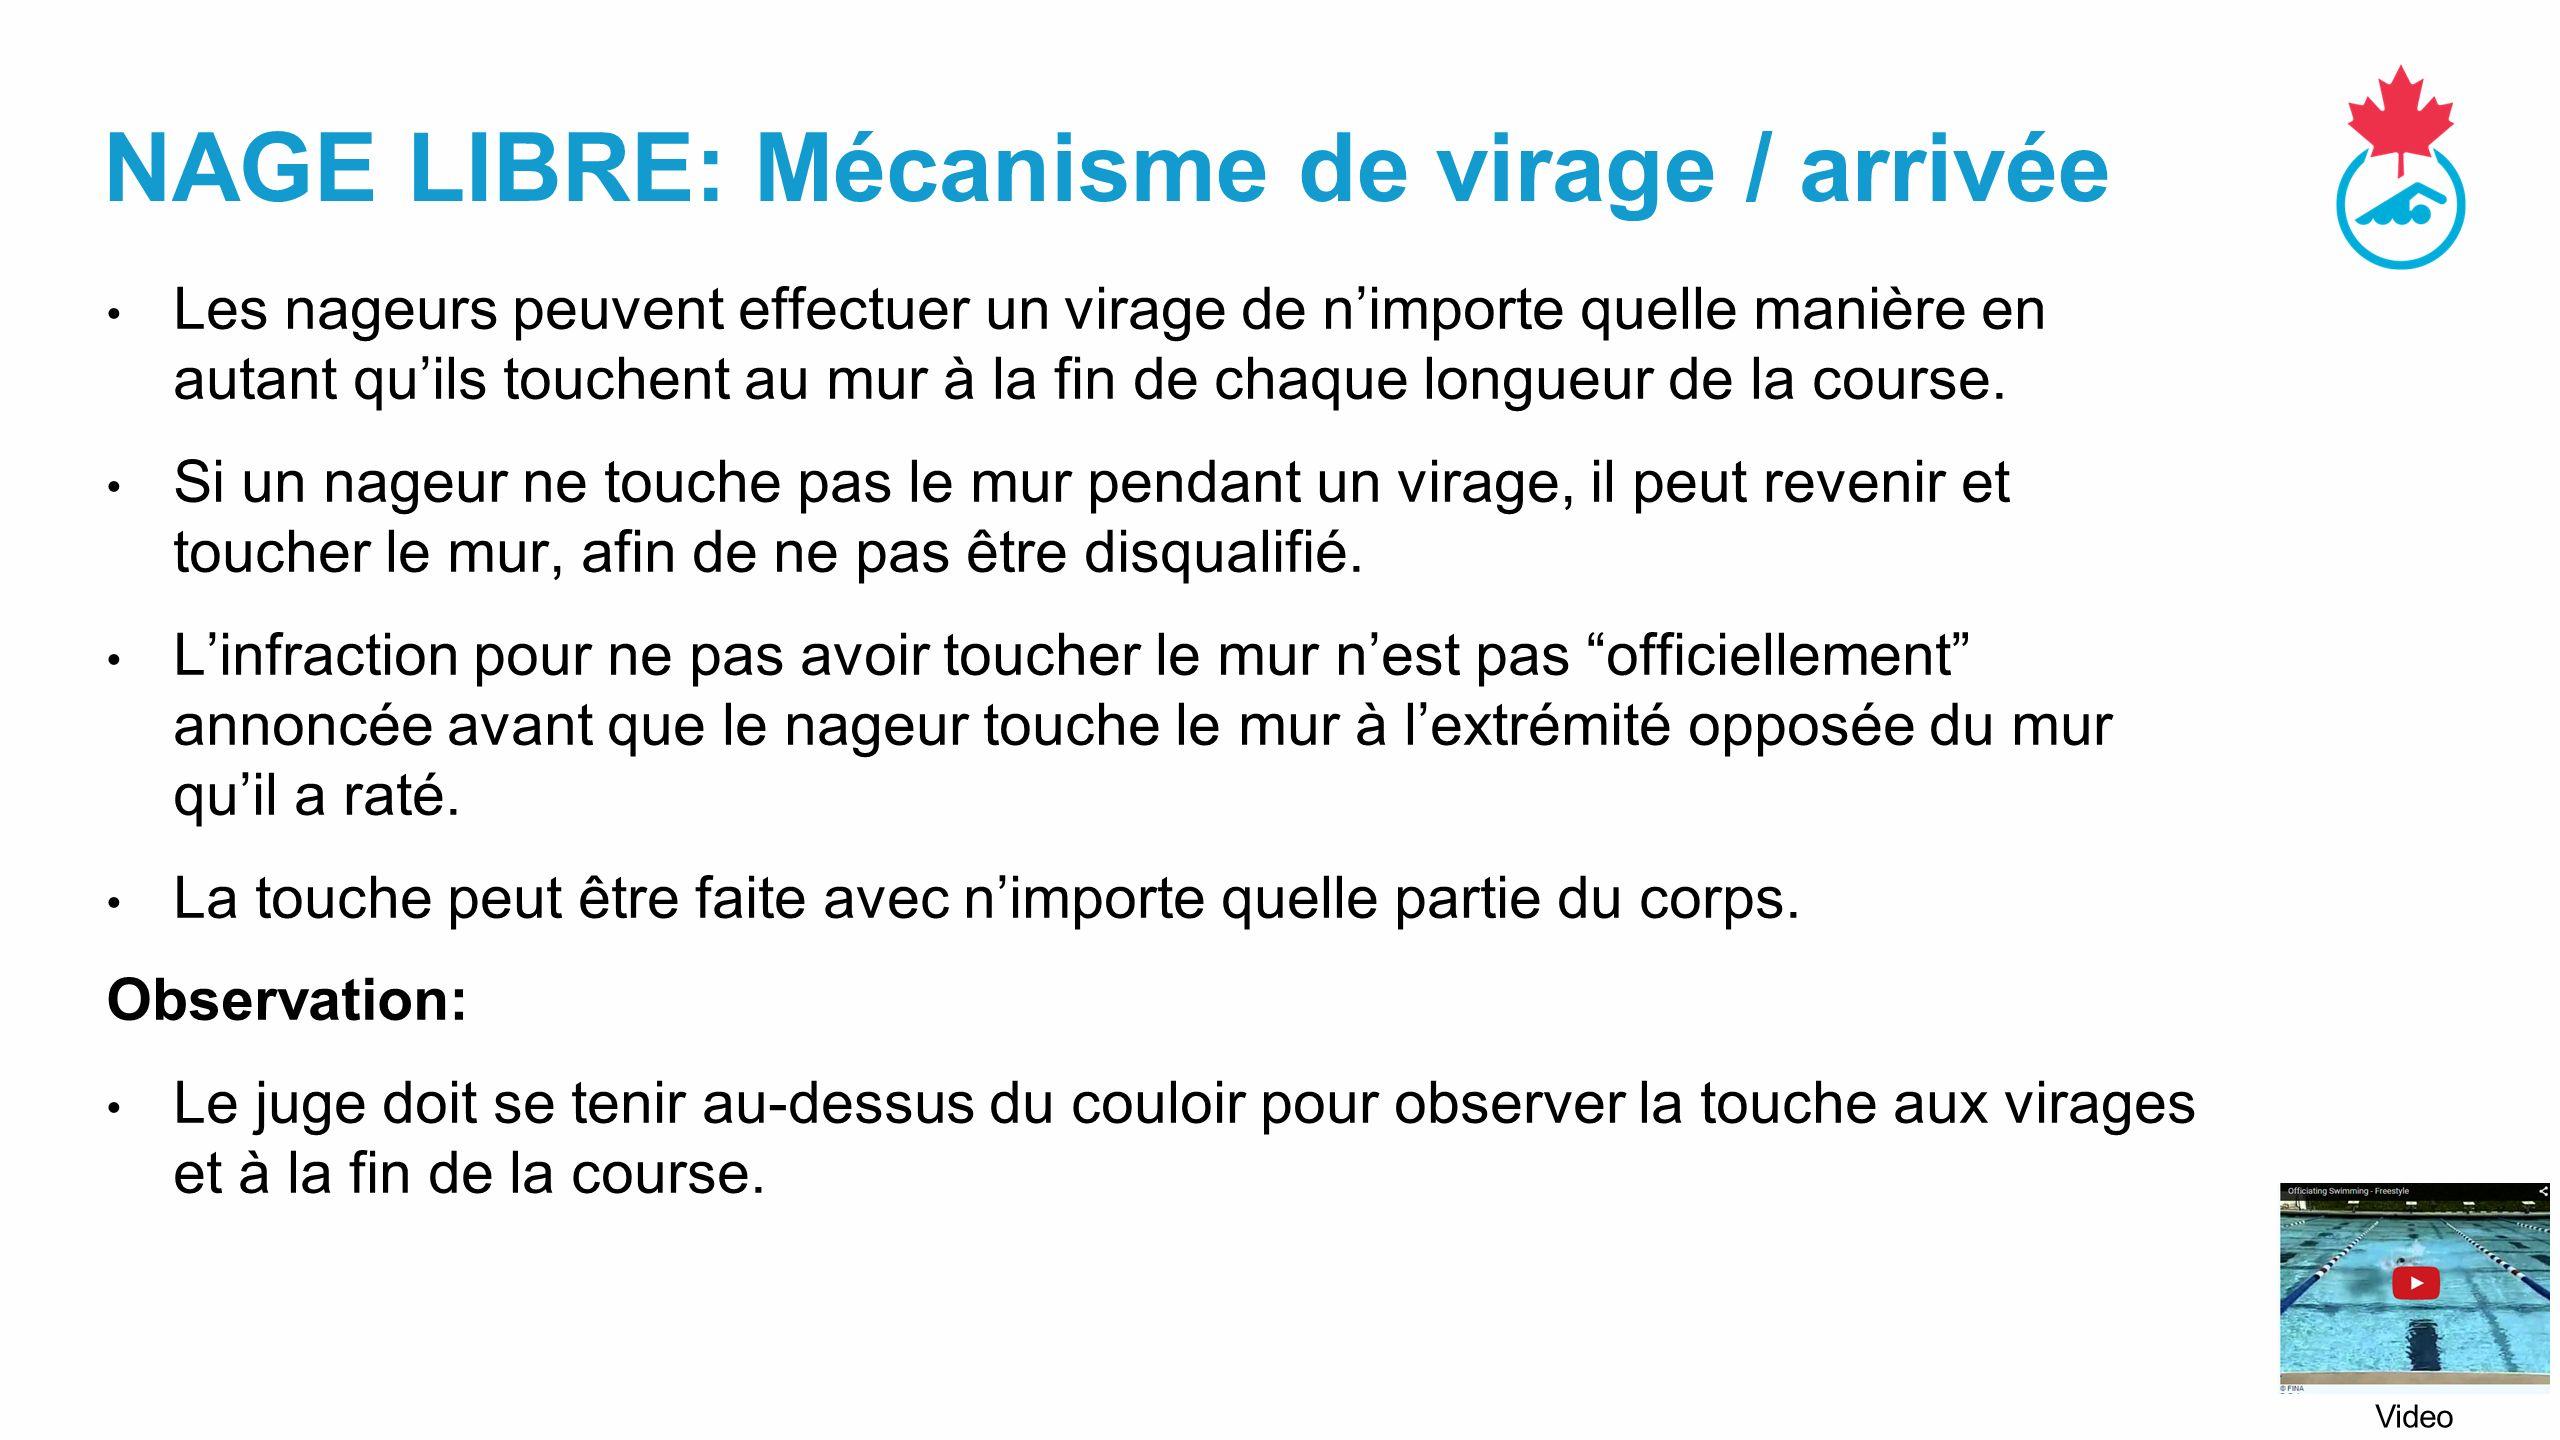 NAGE LIBRE: Mécanisme de virage / arrivée